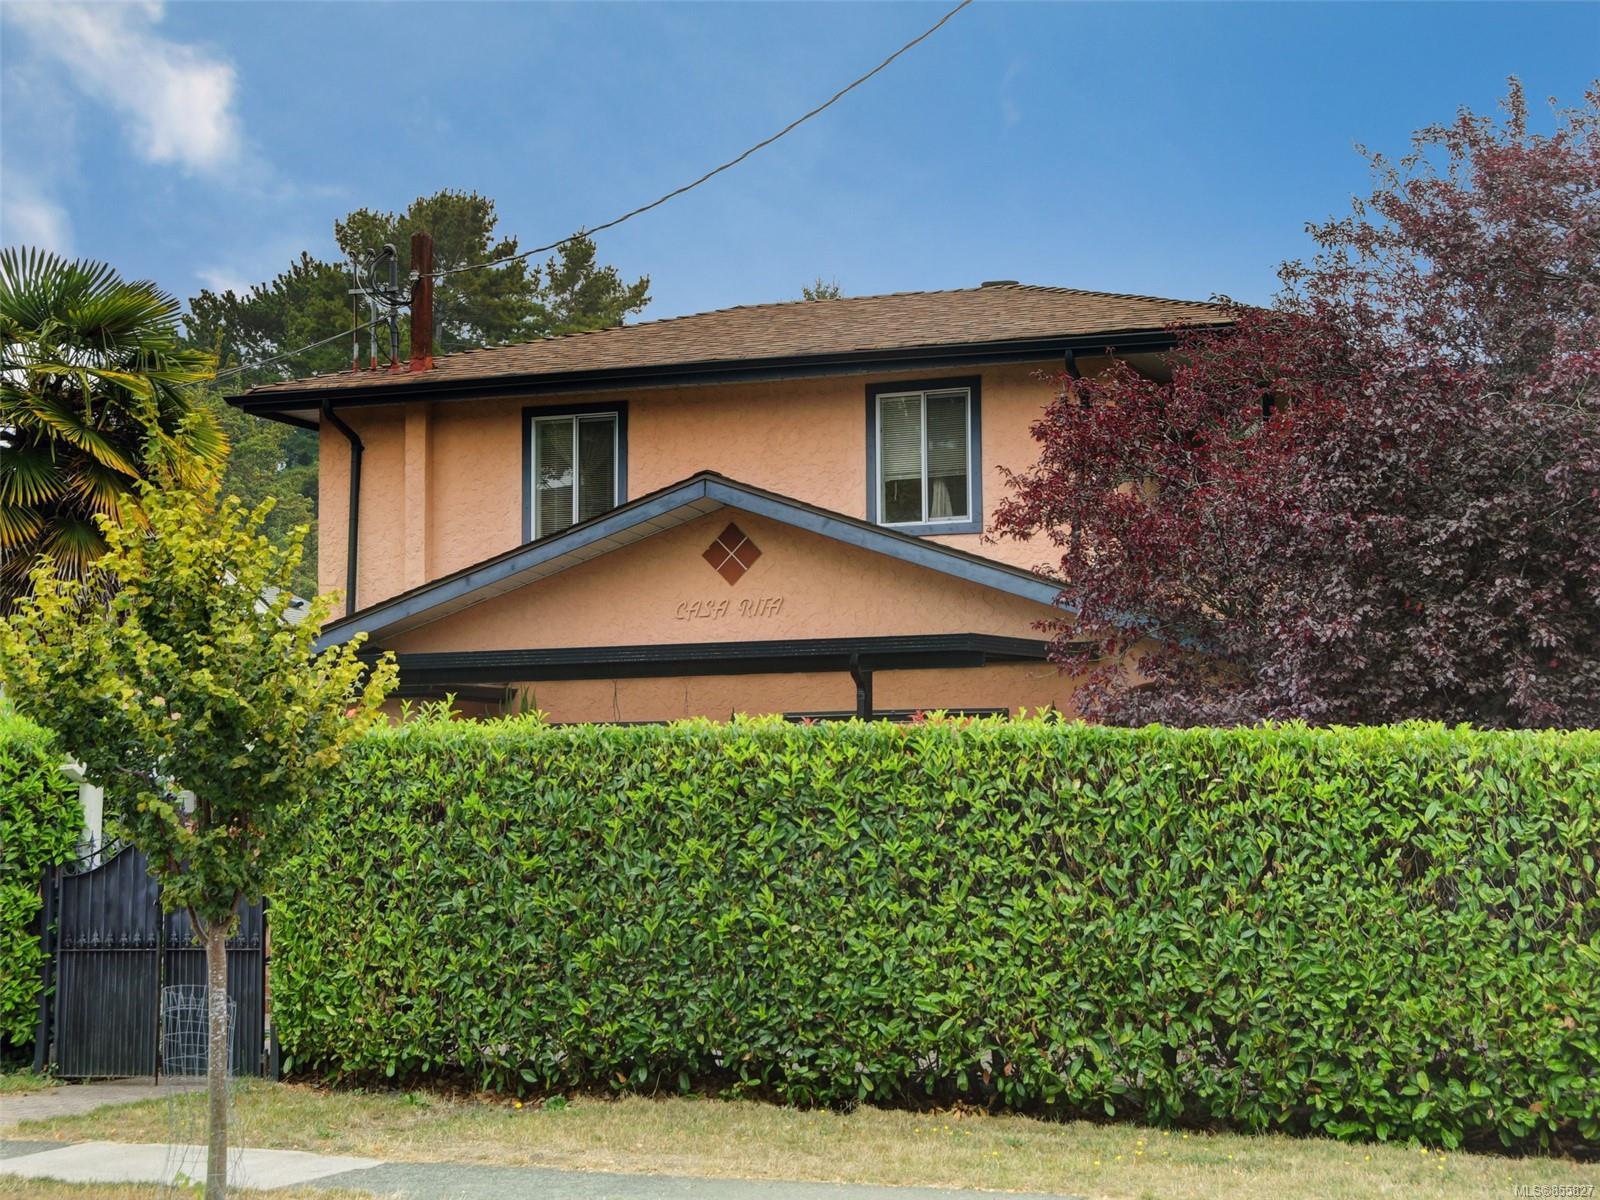 341 Linden Ave, Victoria BC V8V 4G1